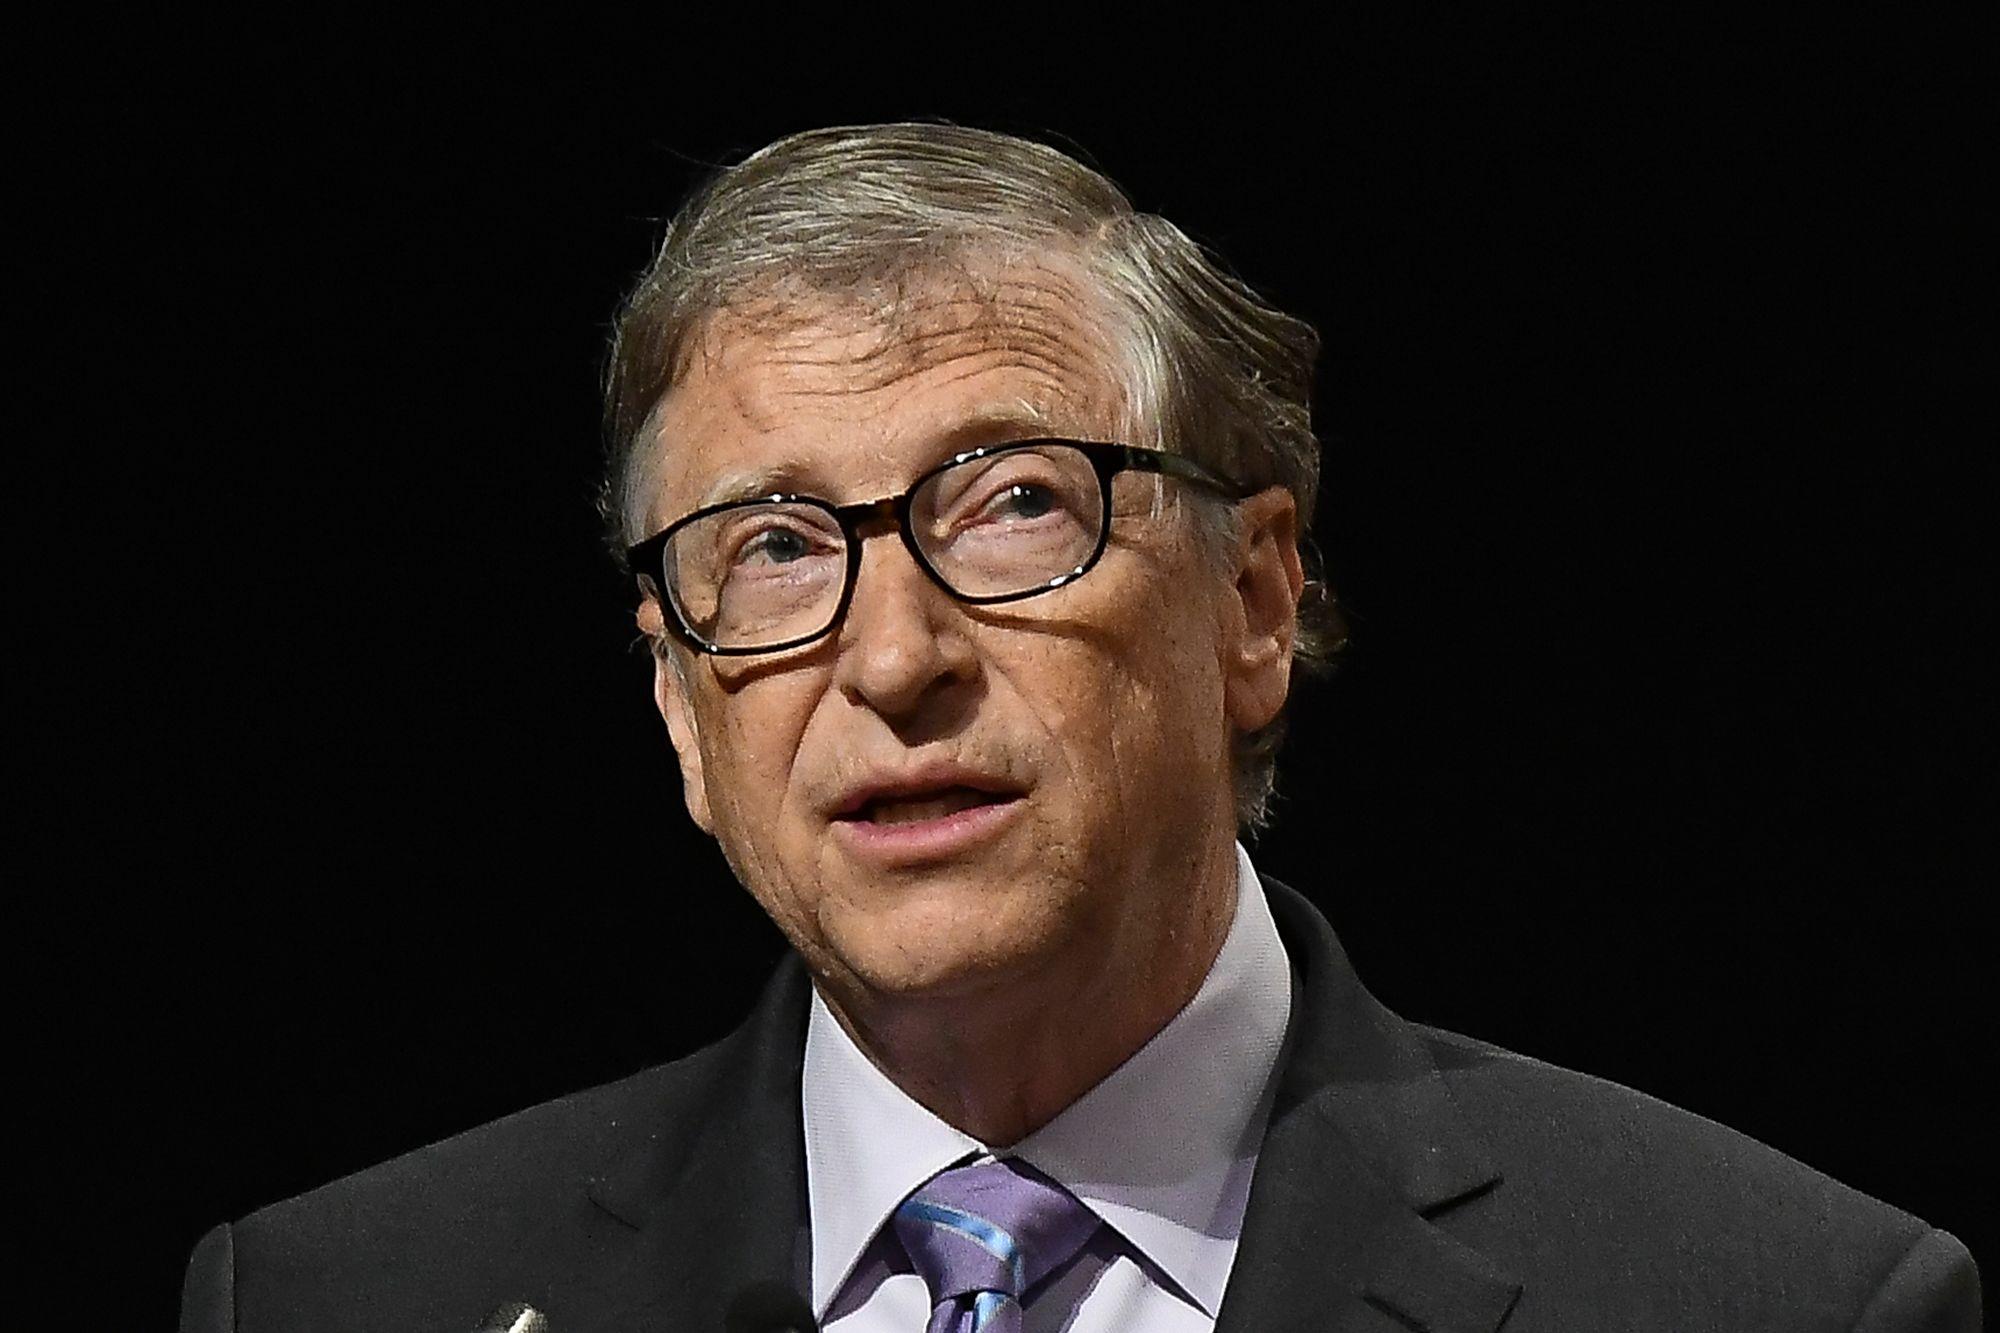 Tỉ phú Bill Gates trở thành mục tiêu mới trong các thuyết âm mưu về virus Covid-19 - Ảnh 1.